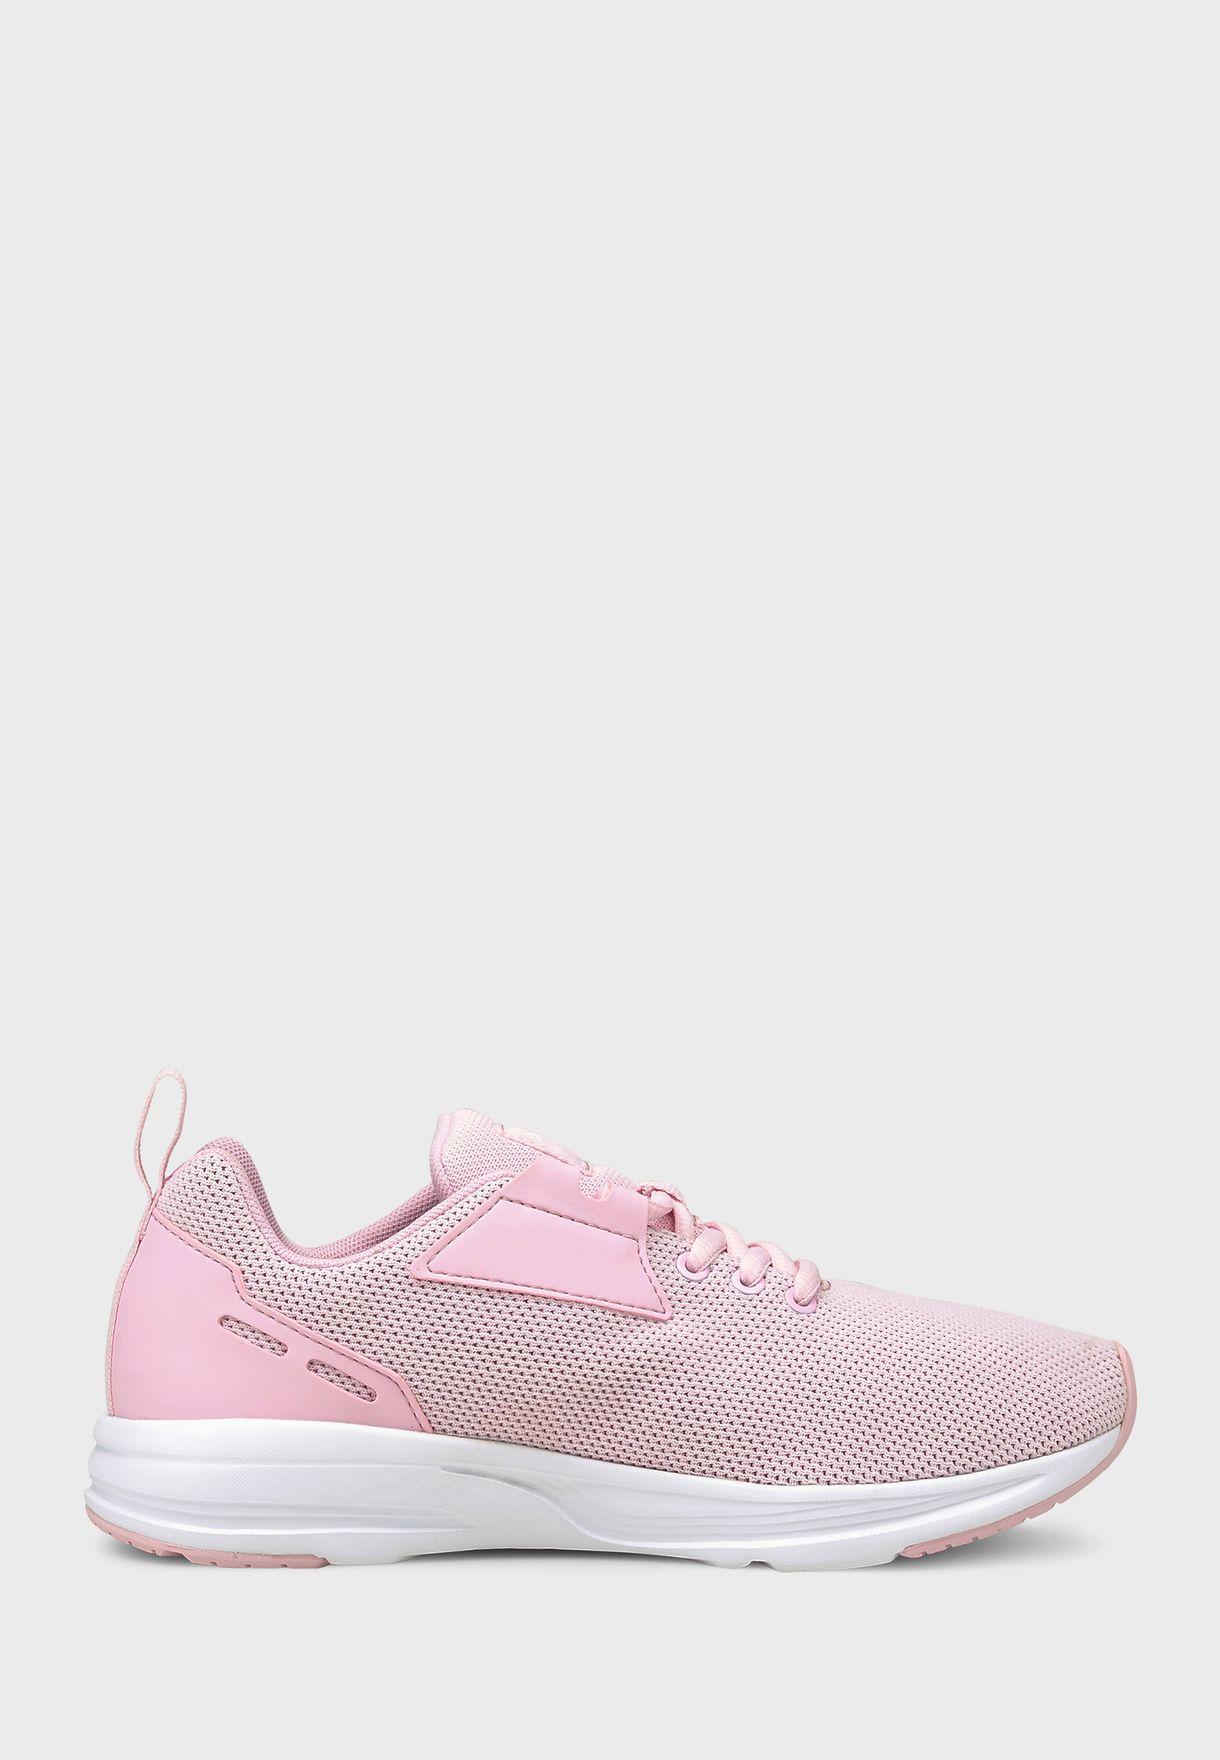 حذاء كوميت 2 اف اس